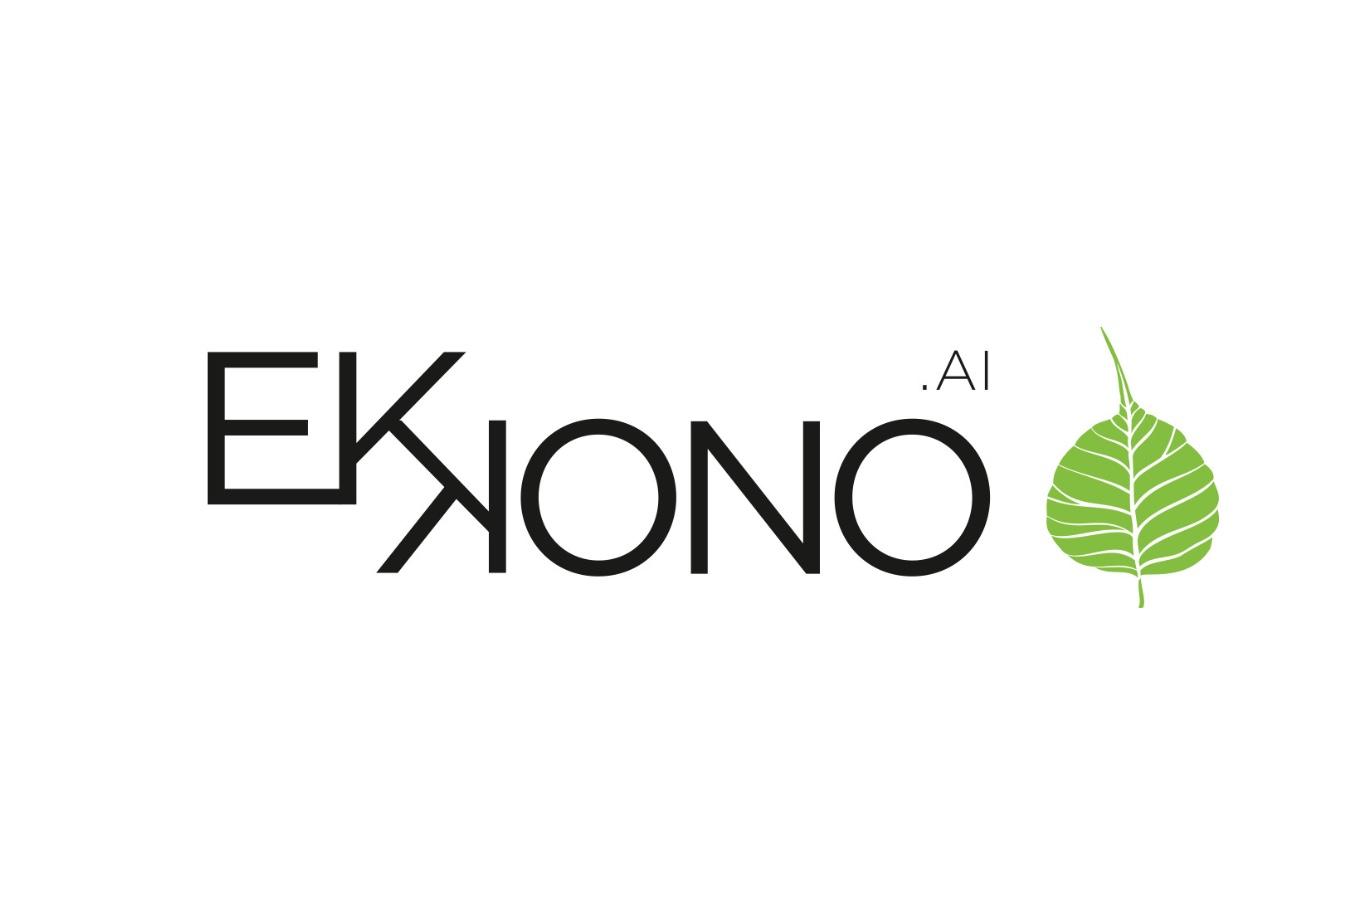 ekkono